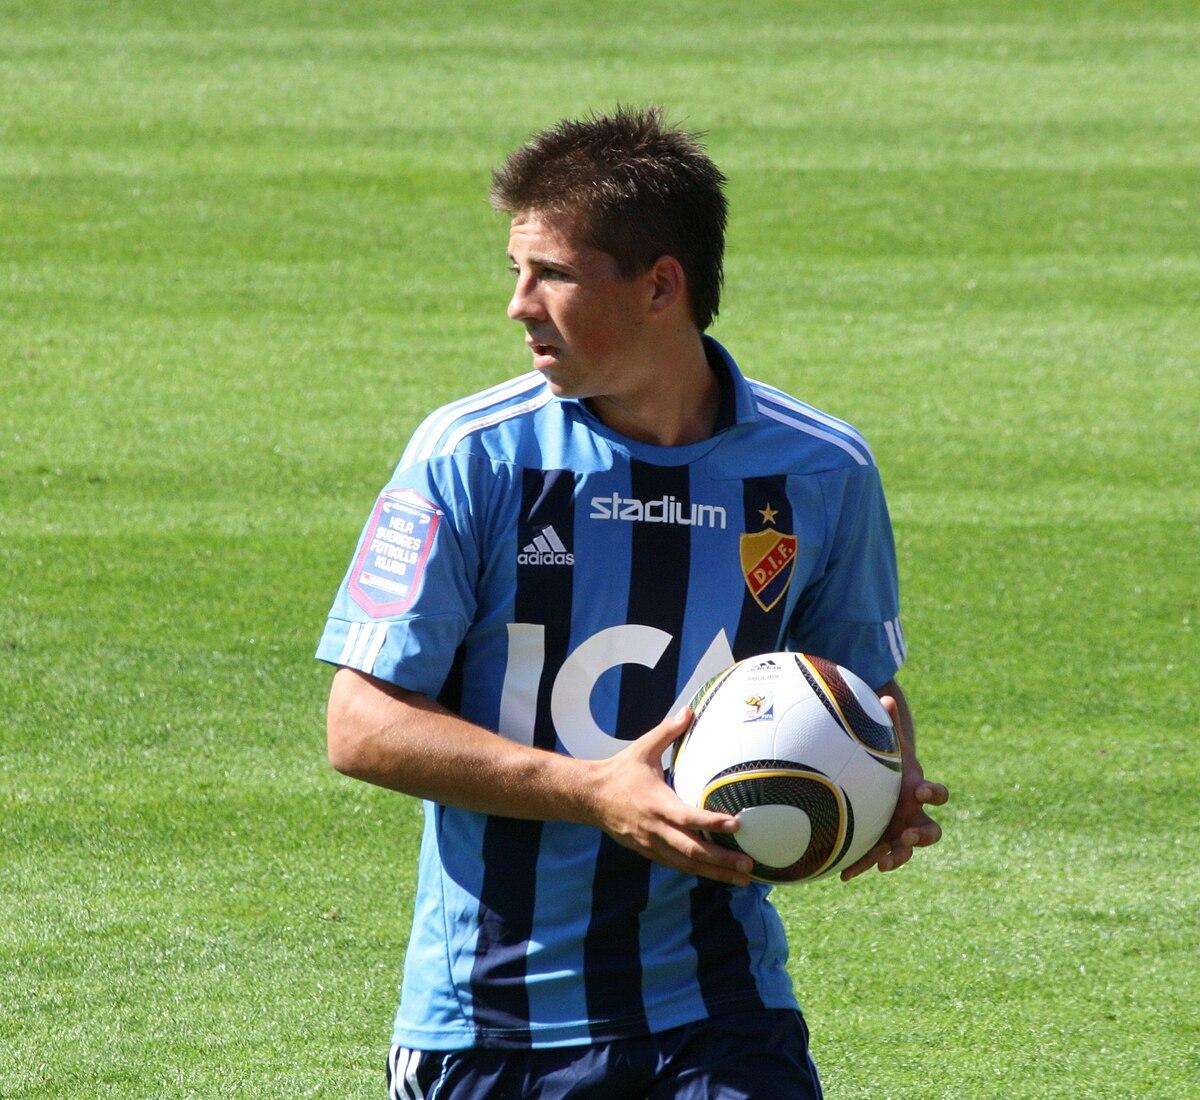 Antal Spelare Fotboll 9 År